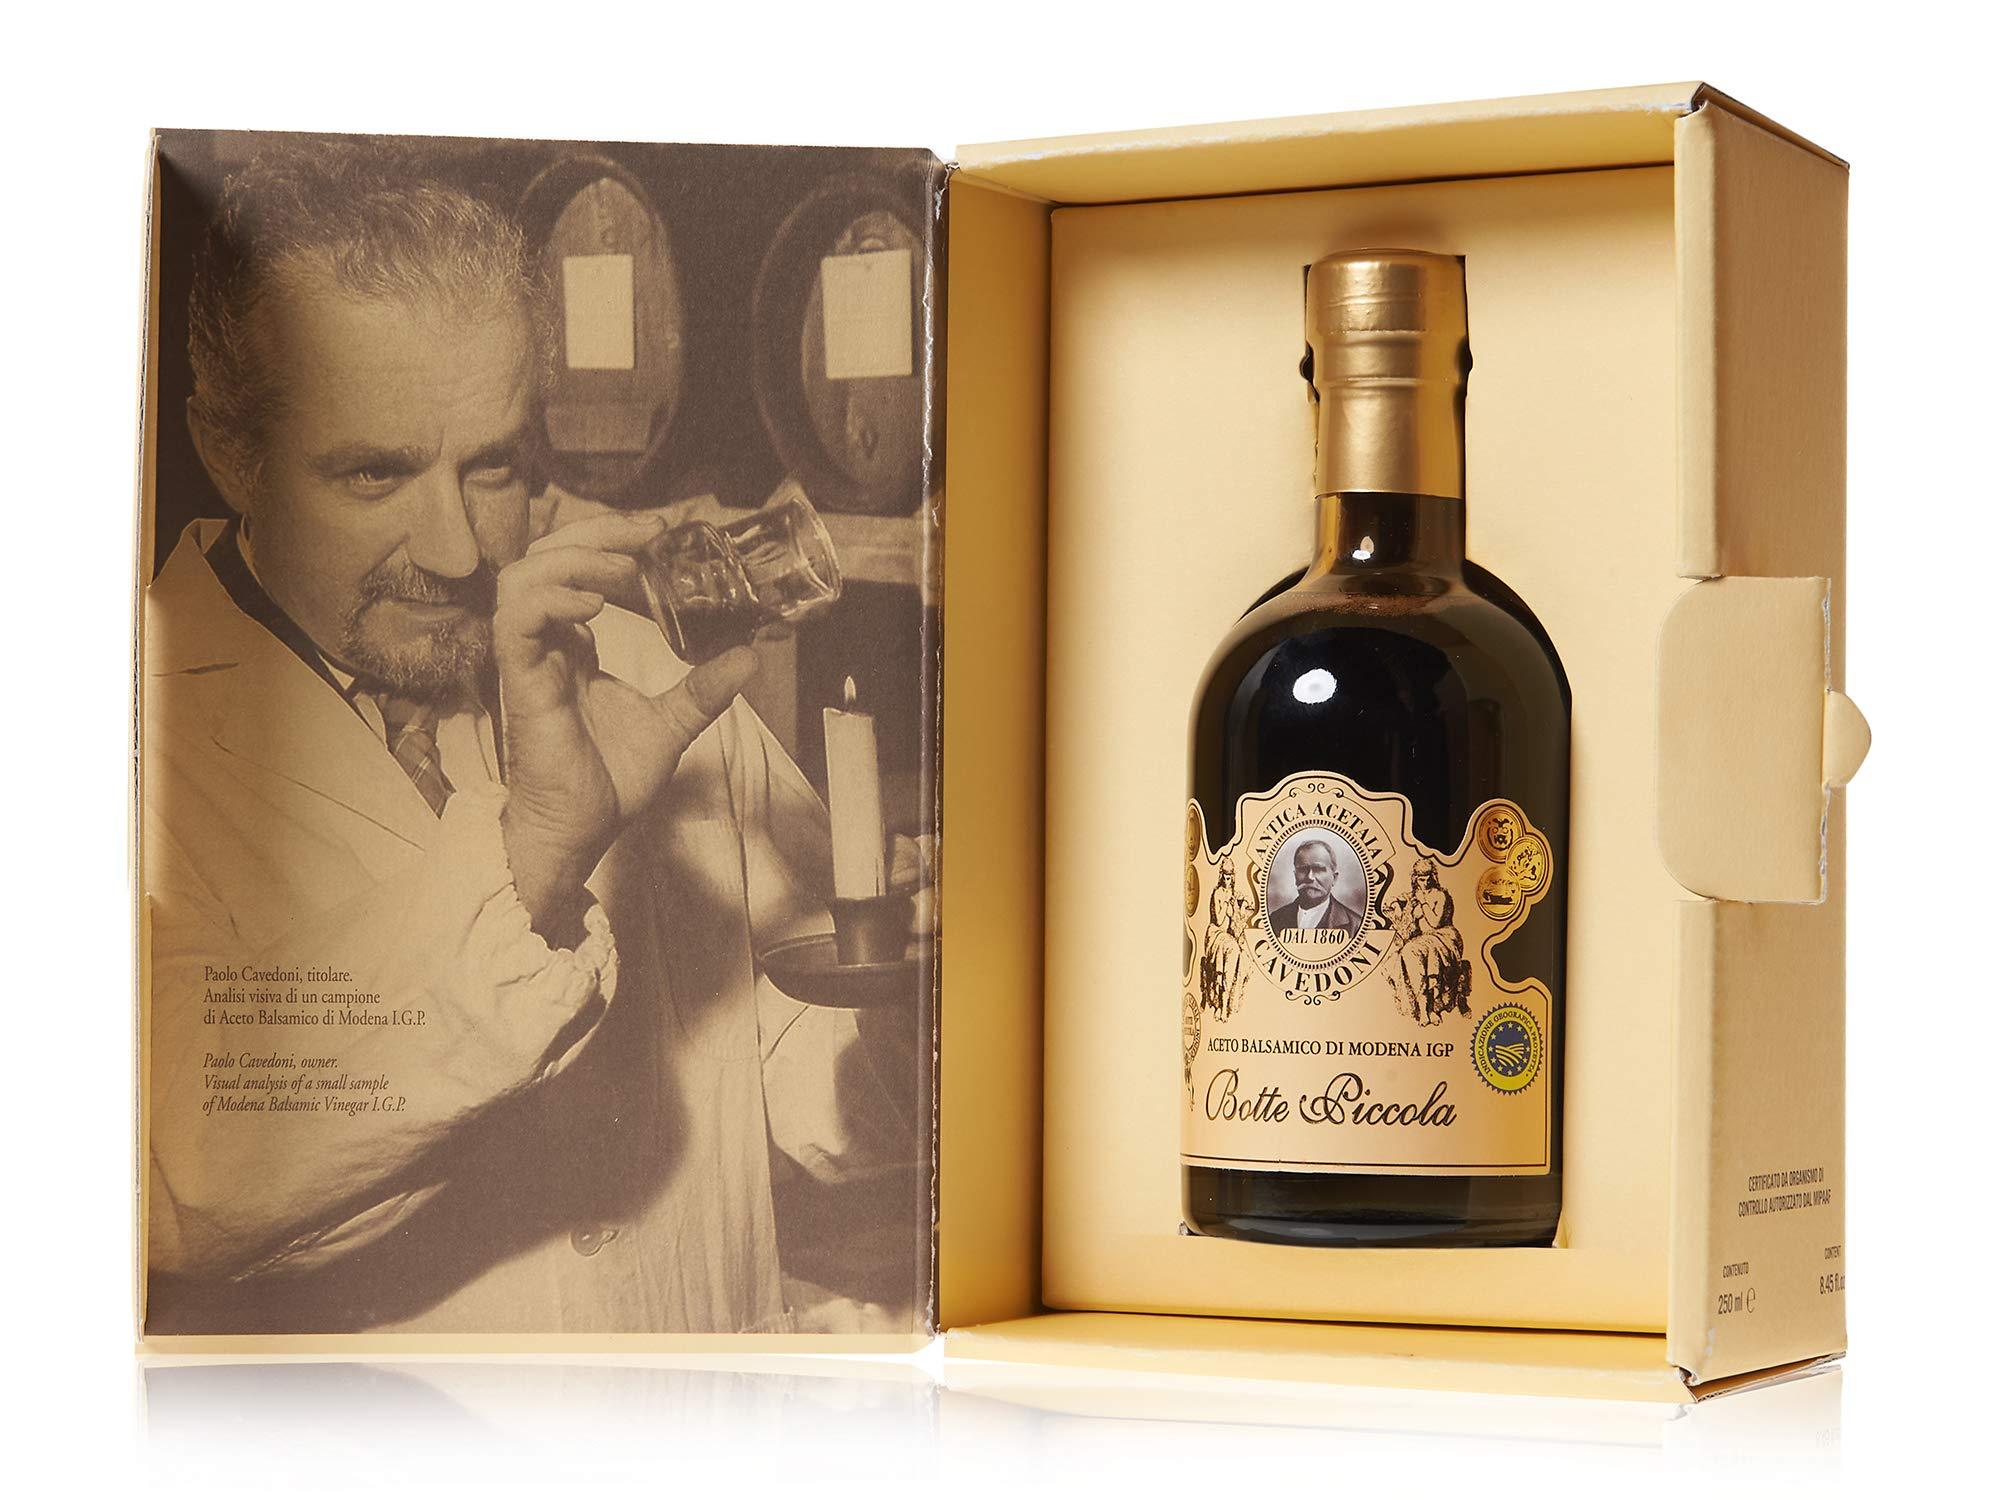 Botte Piccola Balsamic Vinegar IGP, 250ml Bottle